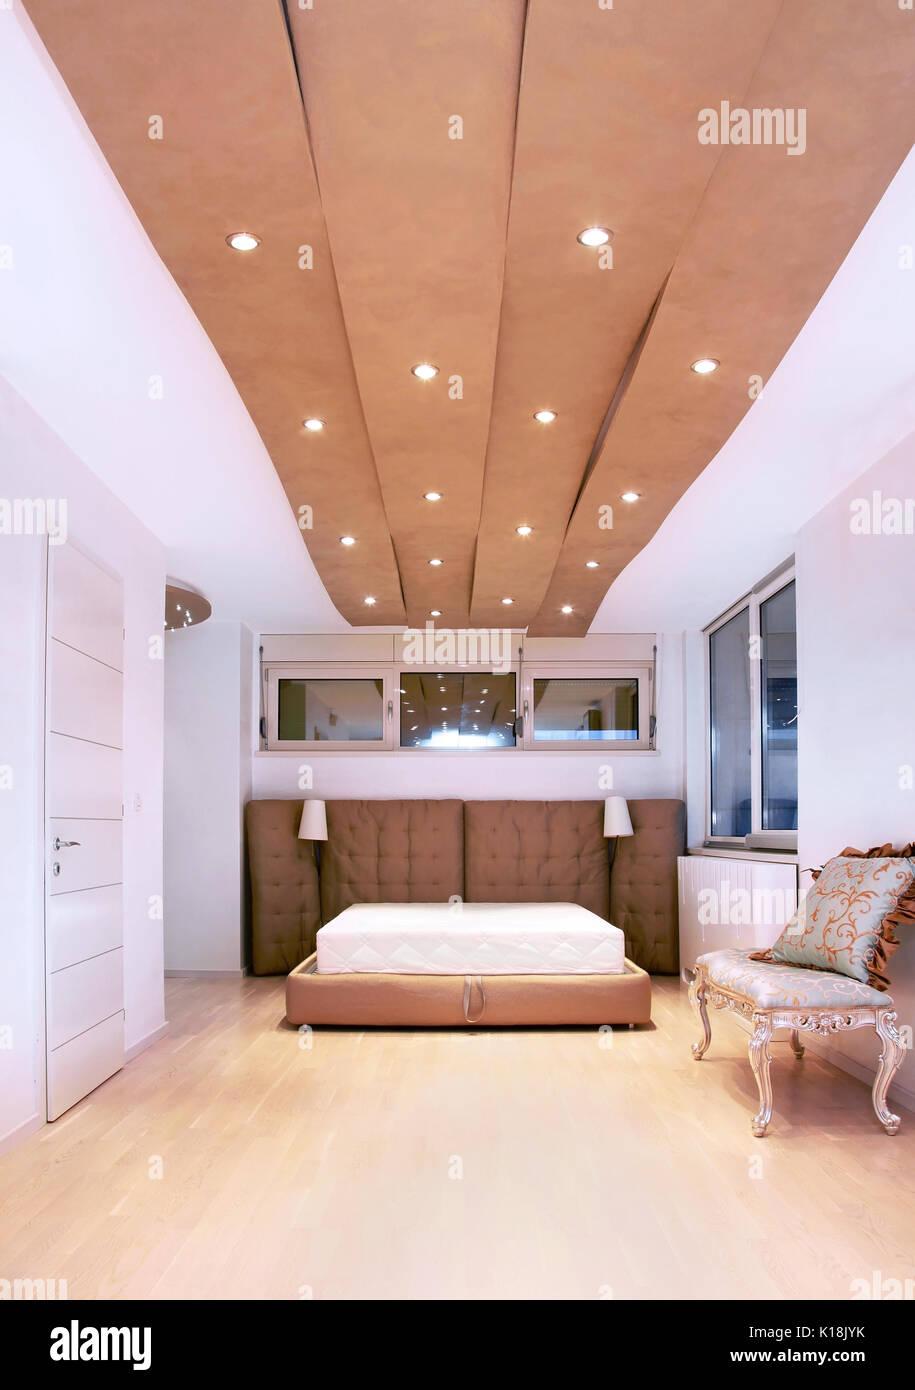 Camera Da Letto Moderno Interno Con Soffitto Alto E Letto Di Grandi Dimensioni Foto Stock Alamy